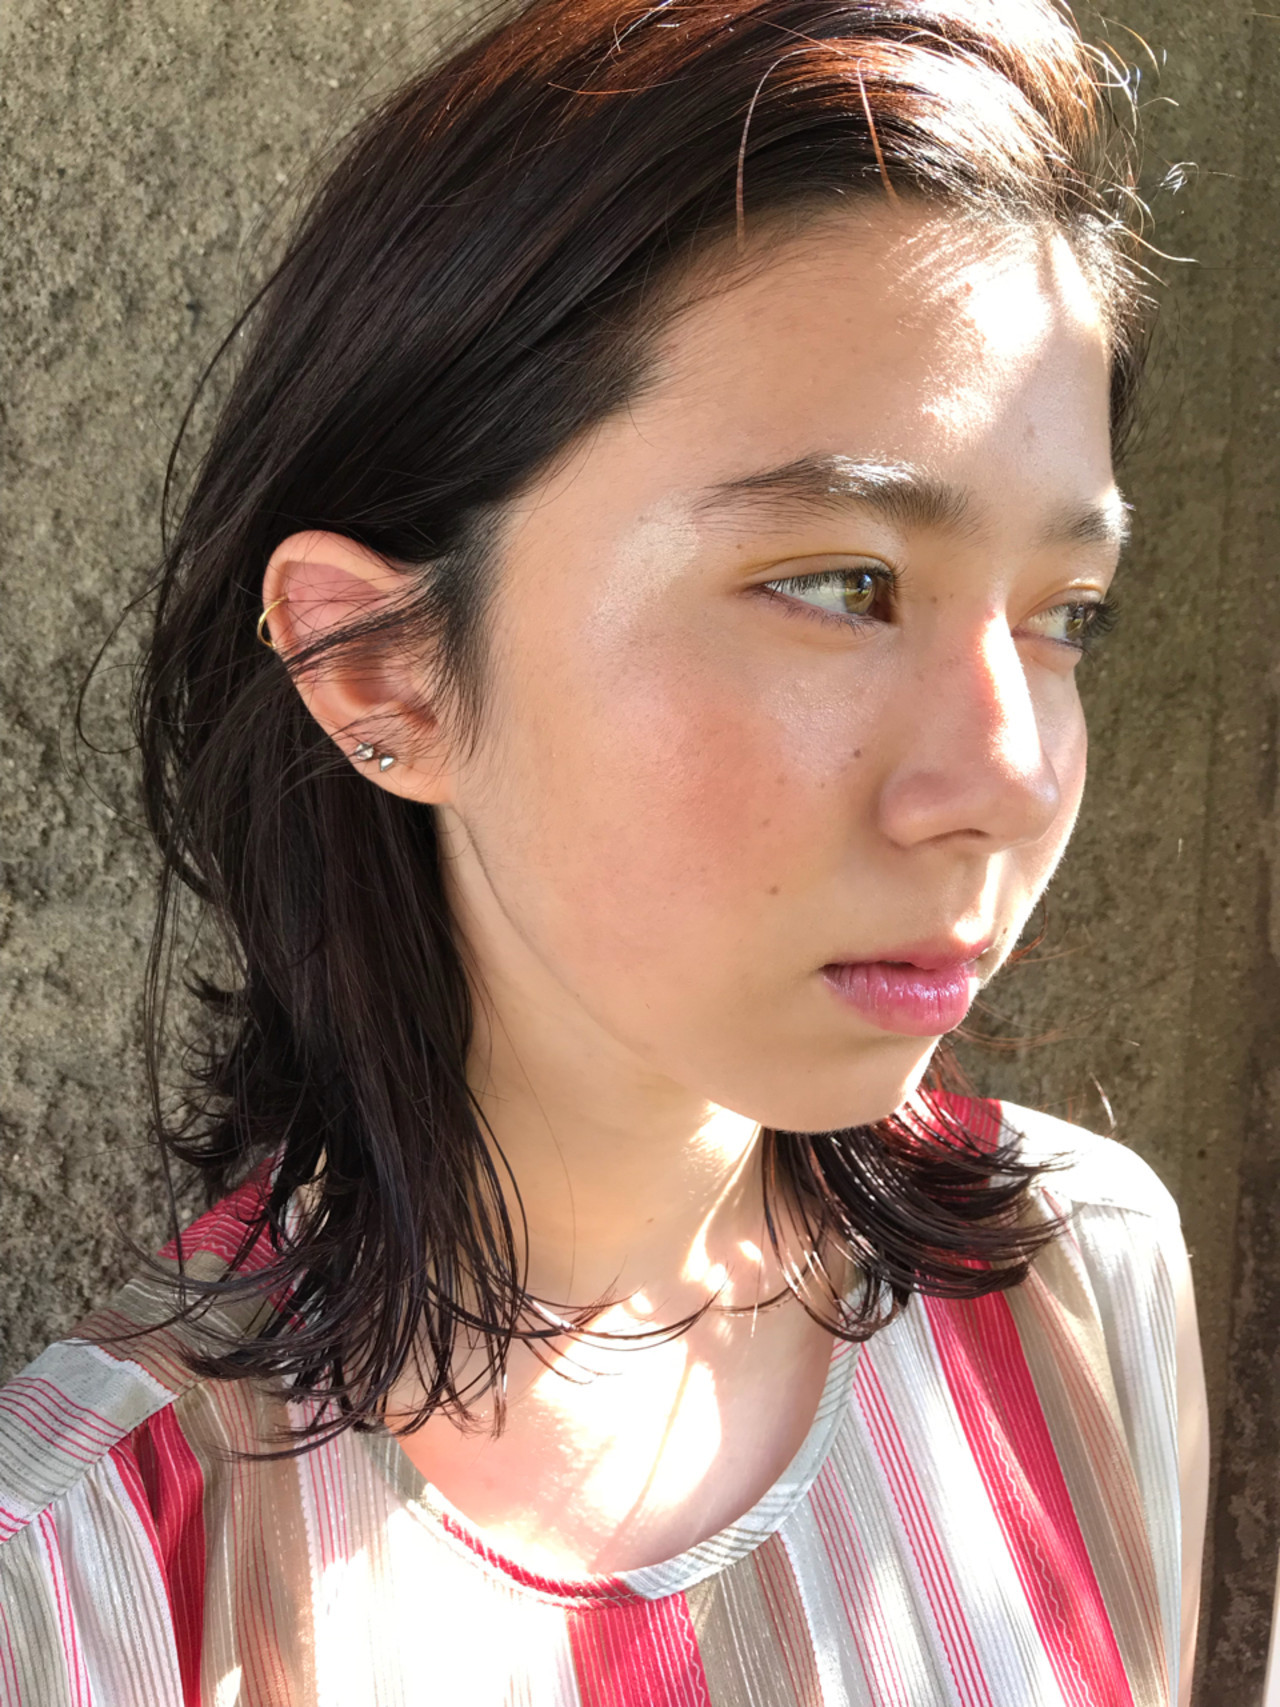 透明感 デート ミディアム ボブ ヘアスタイルや髪型の写真・画像